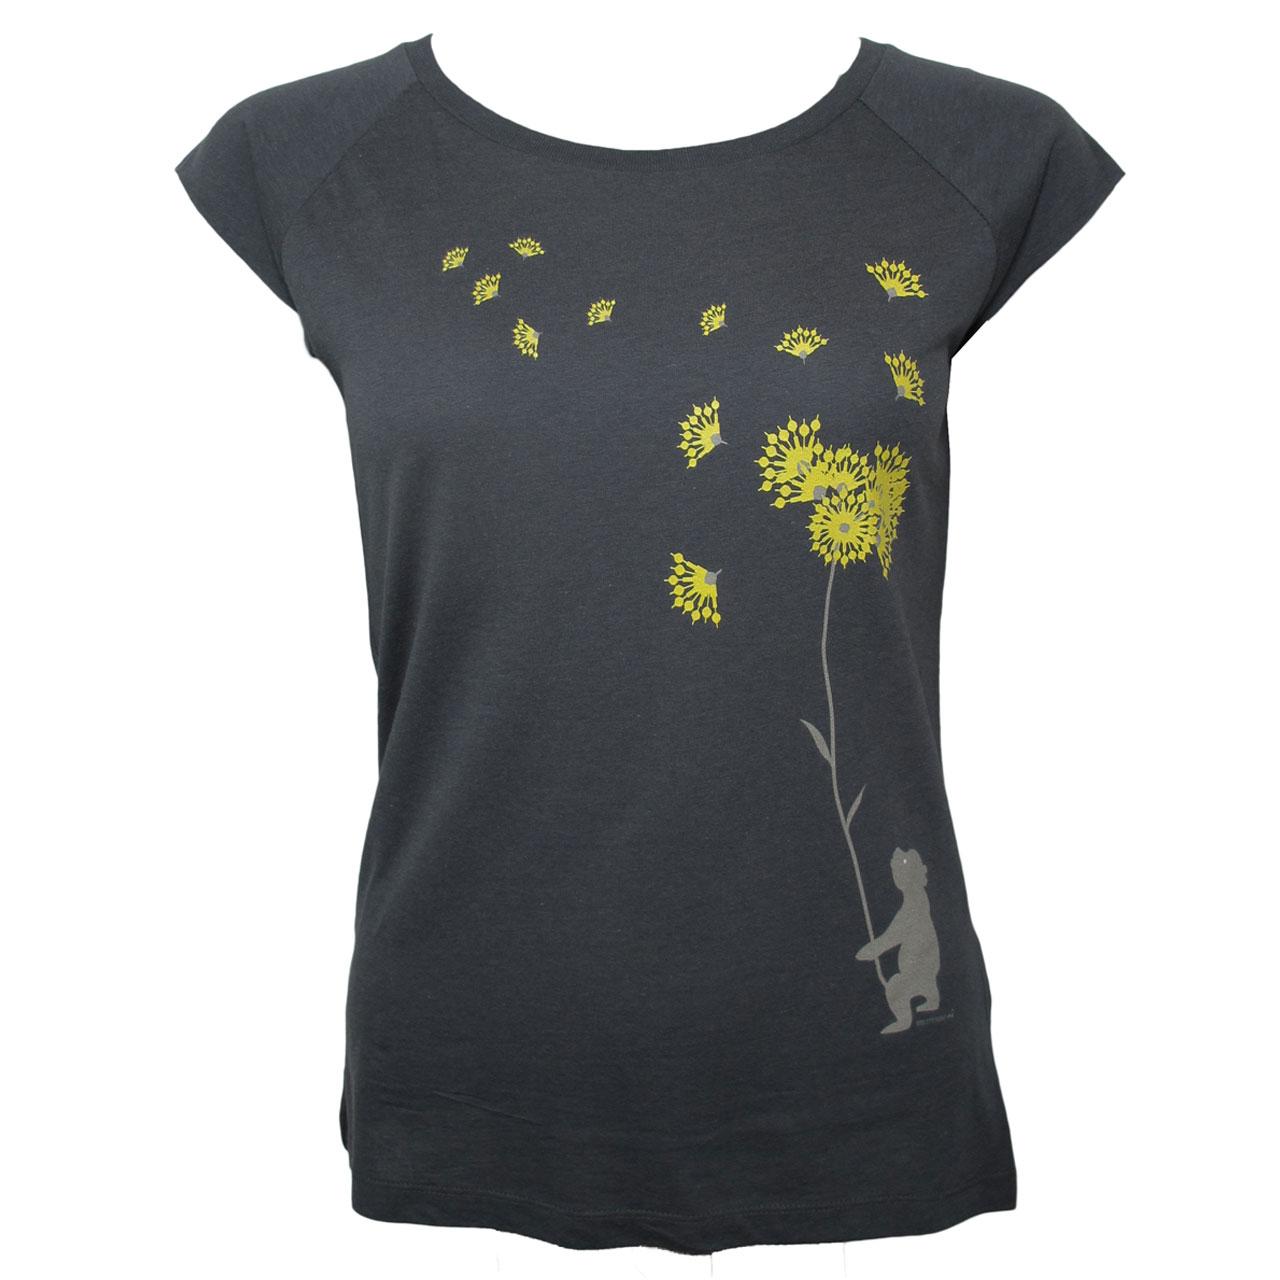 Berlin Design T-Shirt Bär Pusteblume grau/gelb